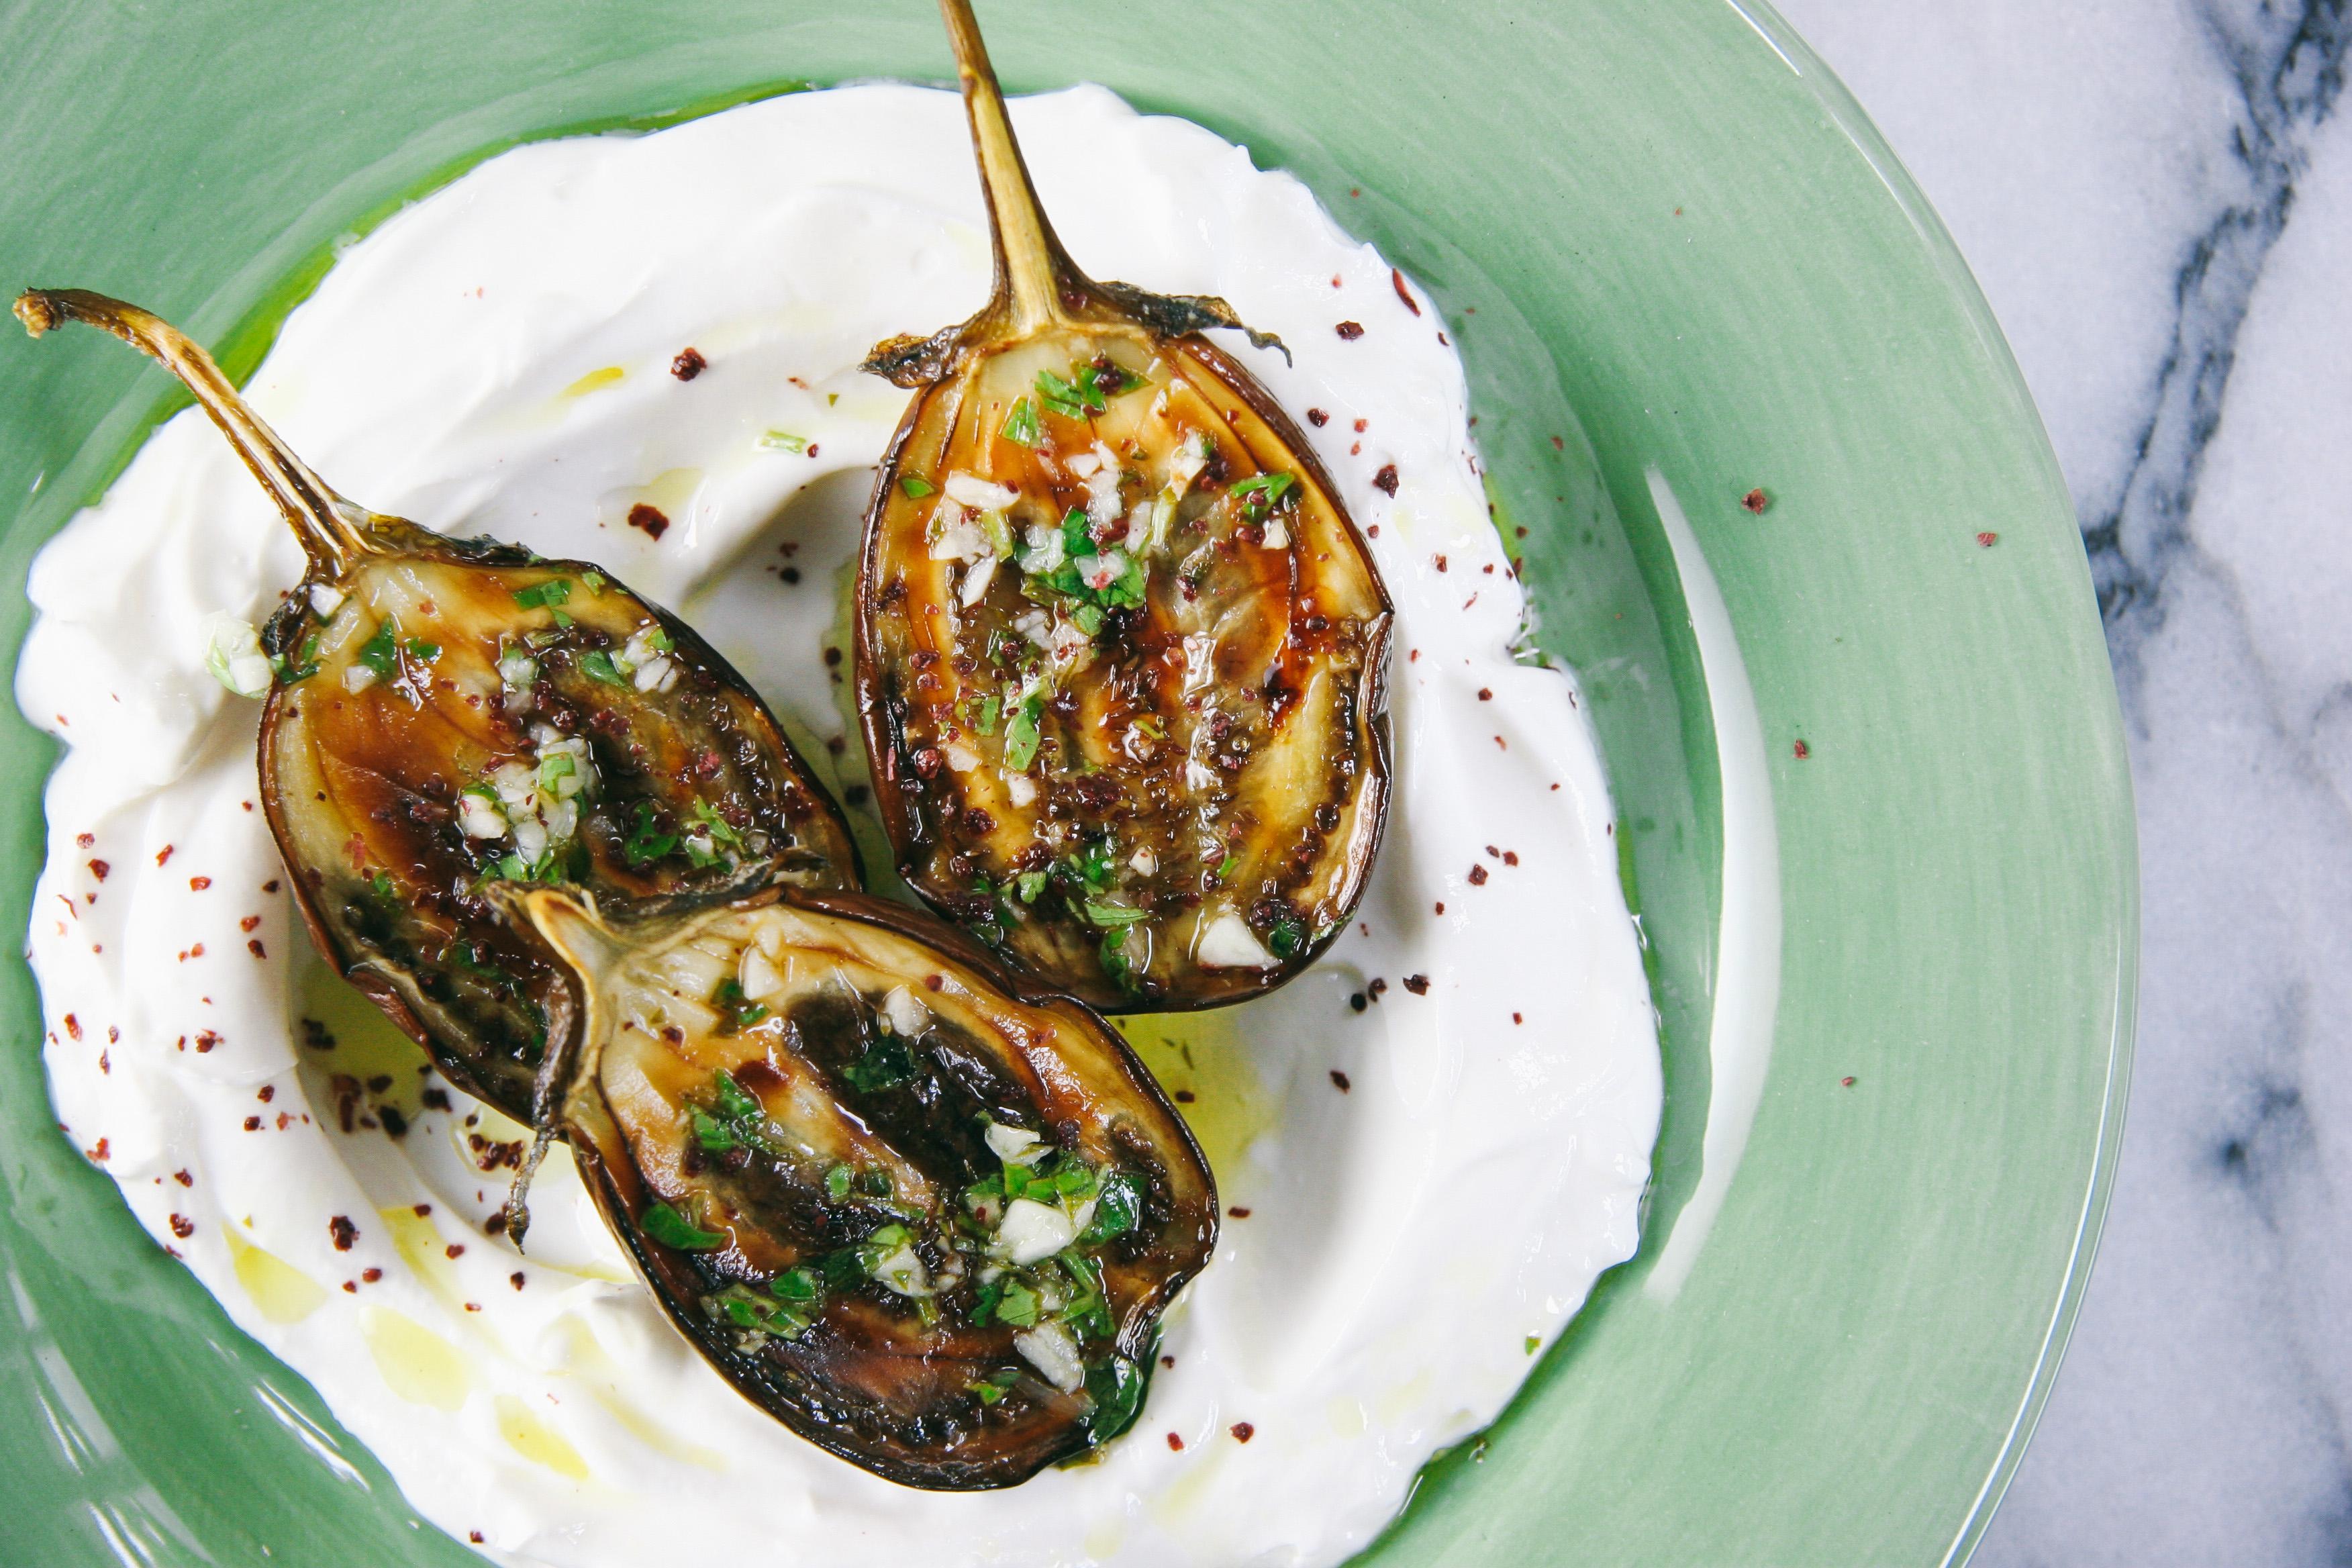 Lemon Garlic Roasted Eggplants over Labane   Mezes   I Will Not Eat Oysters